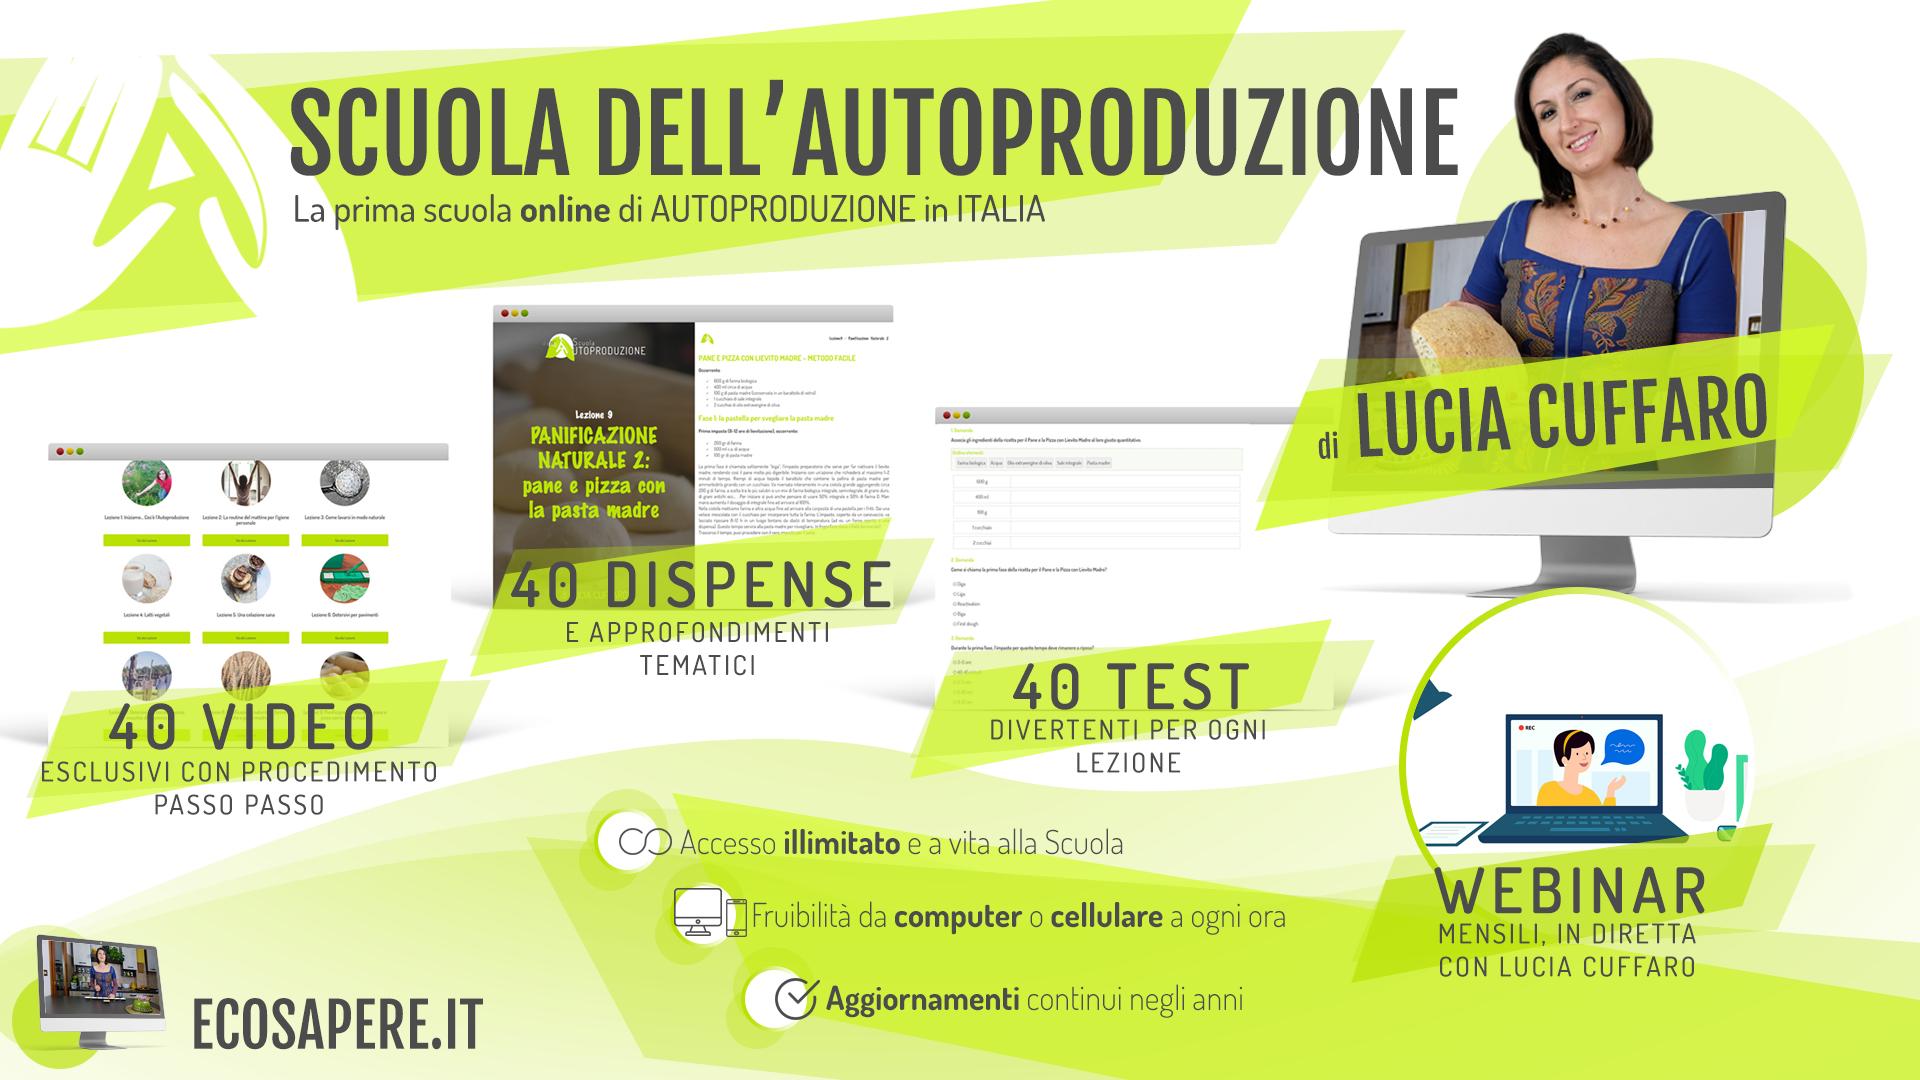 Lucia Cuffaro - Scuola dell'Autoproduzione Online